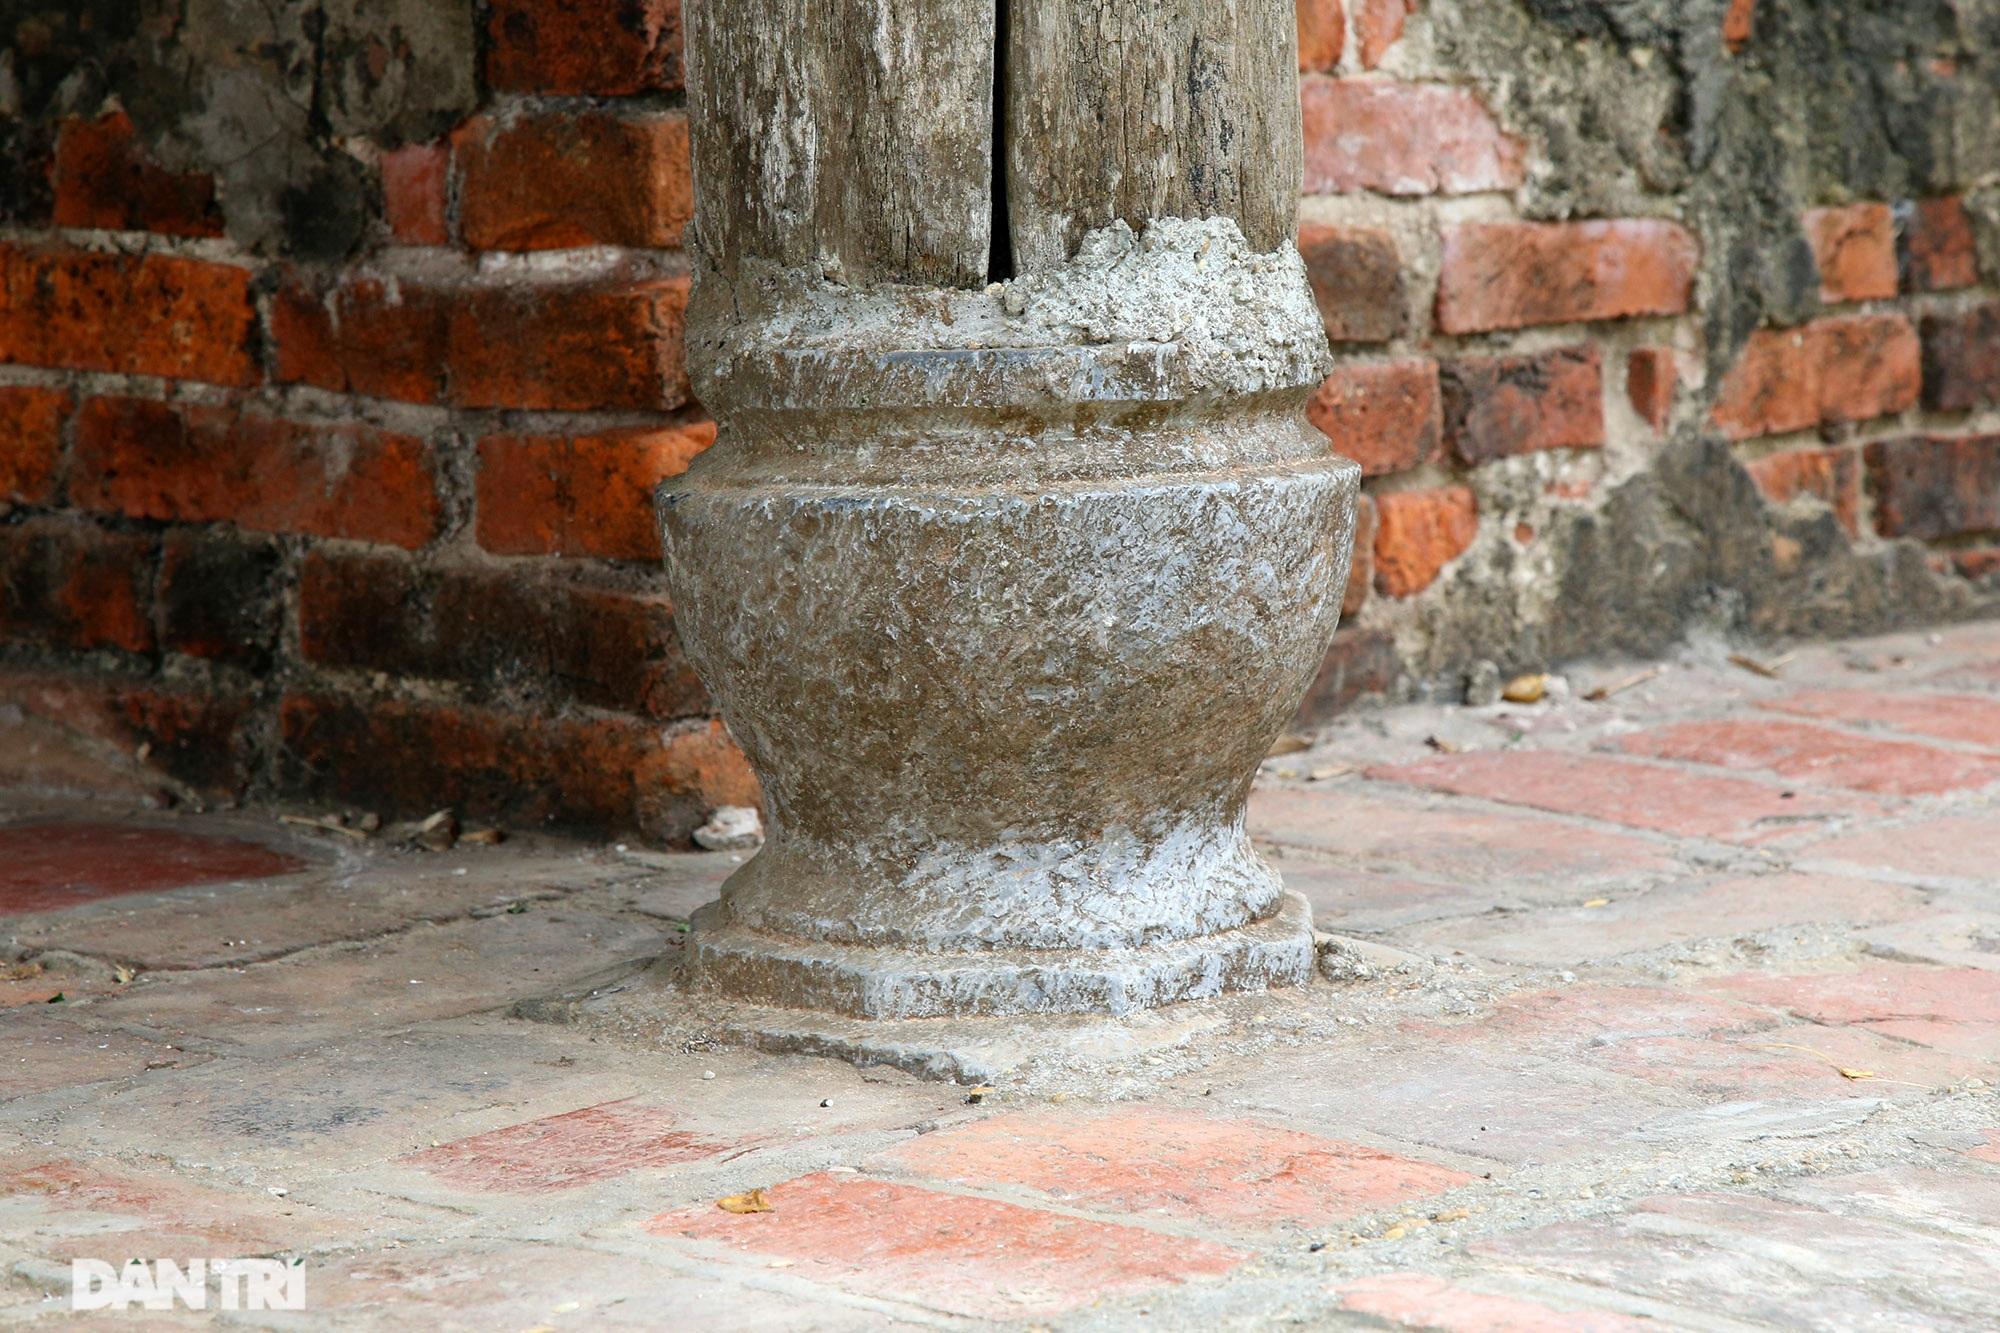 Huyền tích nghìn đời qua những ngôi quán cổ ở Hà Nội - 6